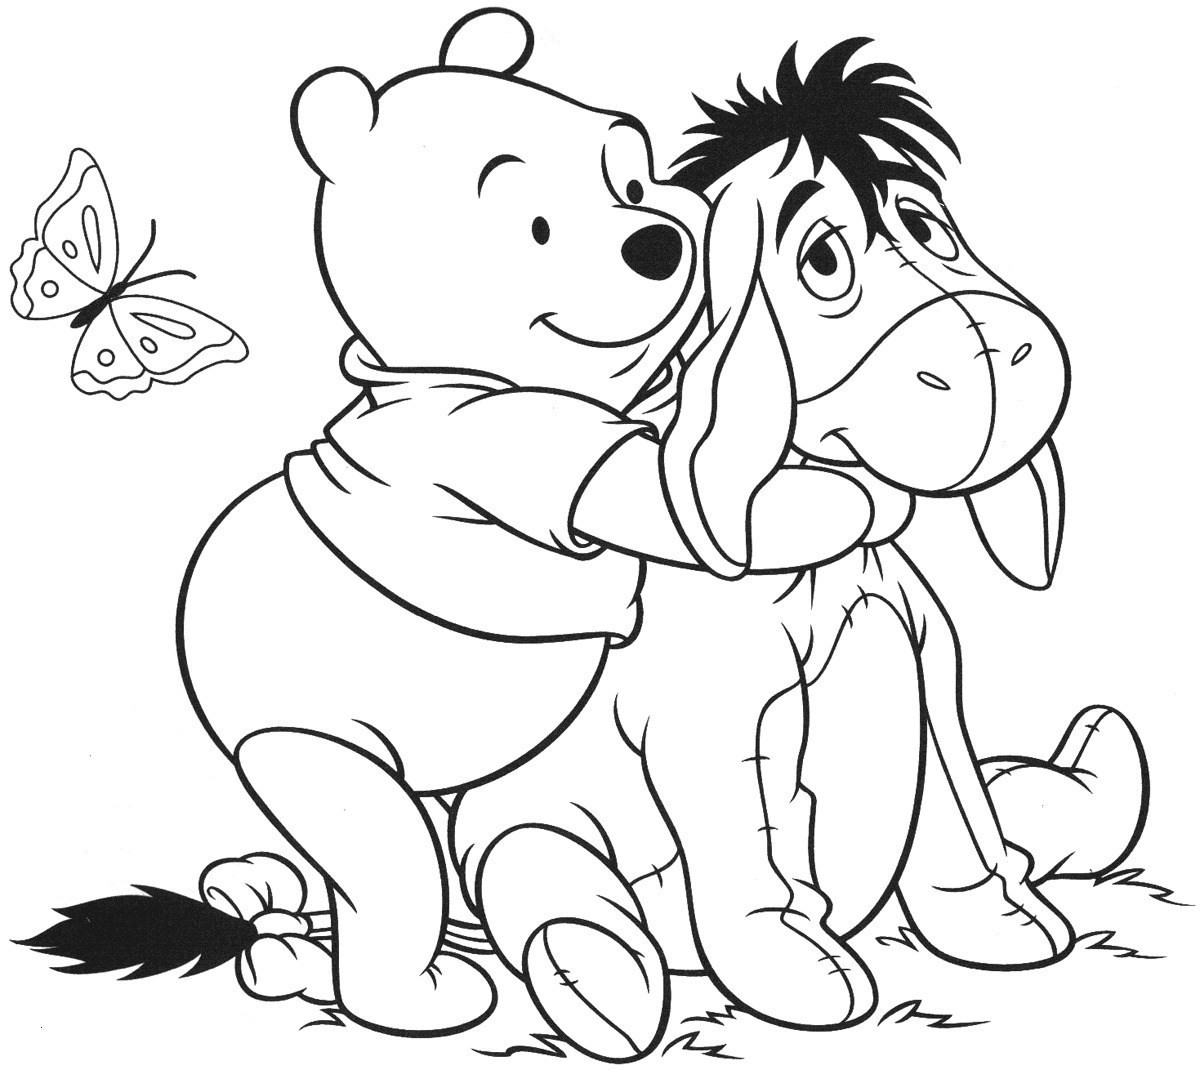 Ausmalbilder Winnie Pooh Und Seine Freunde Malvorlagen Das Beste Von Ausmalbilder Winnie Puuh Neu 35 Malvorlagen Winnie Pooh Fotos